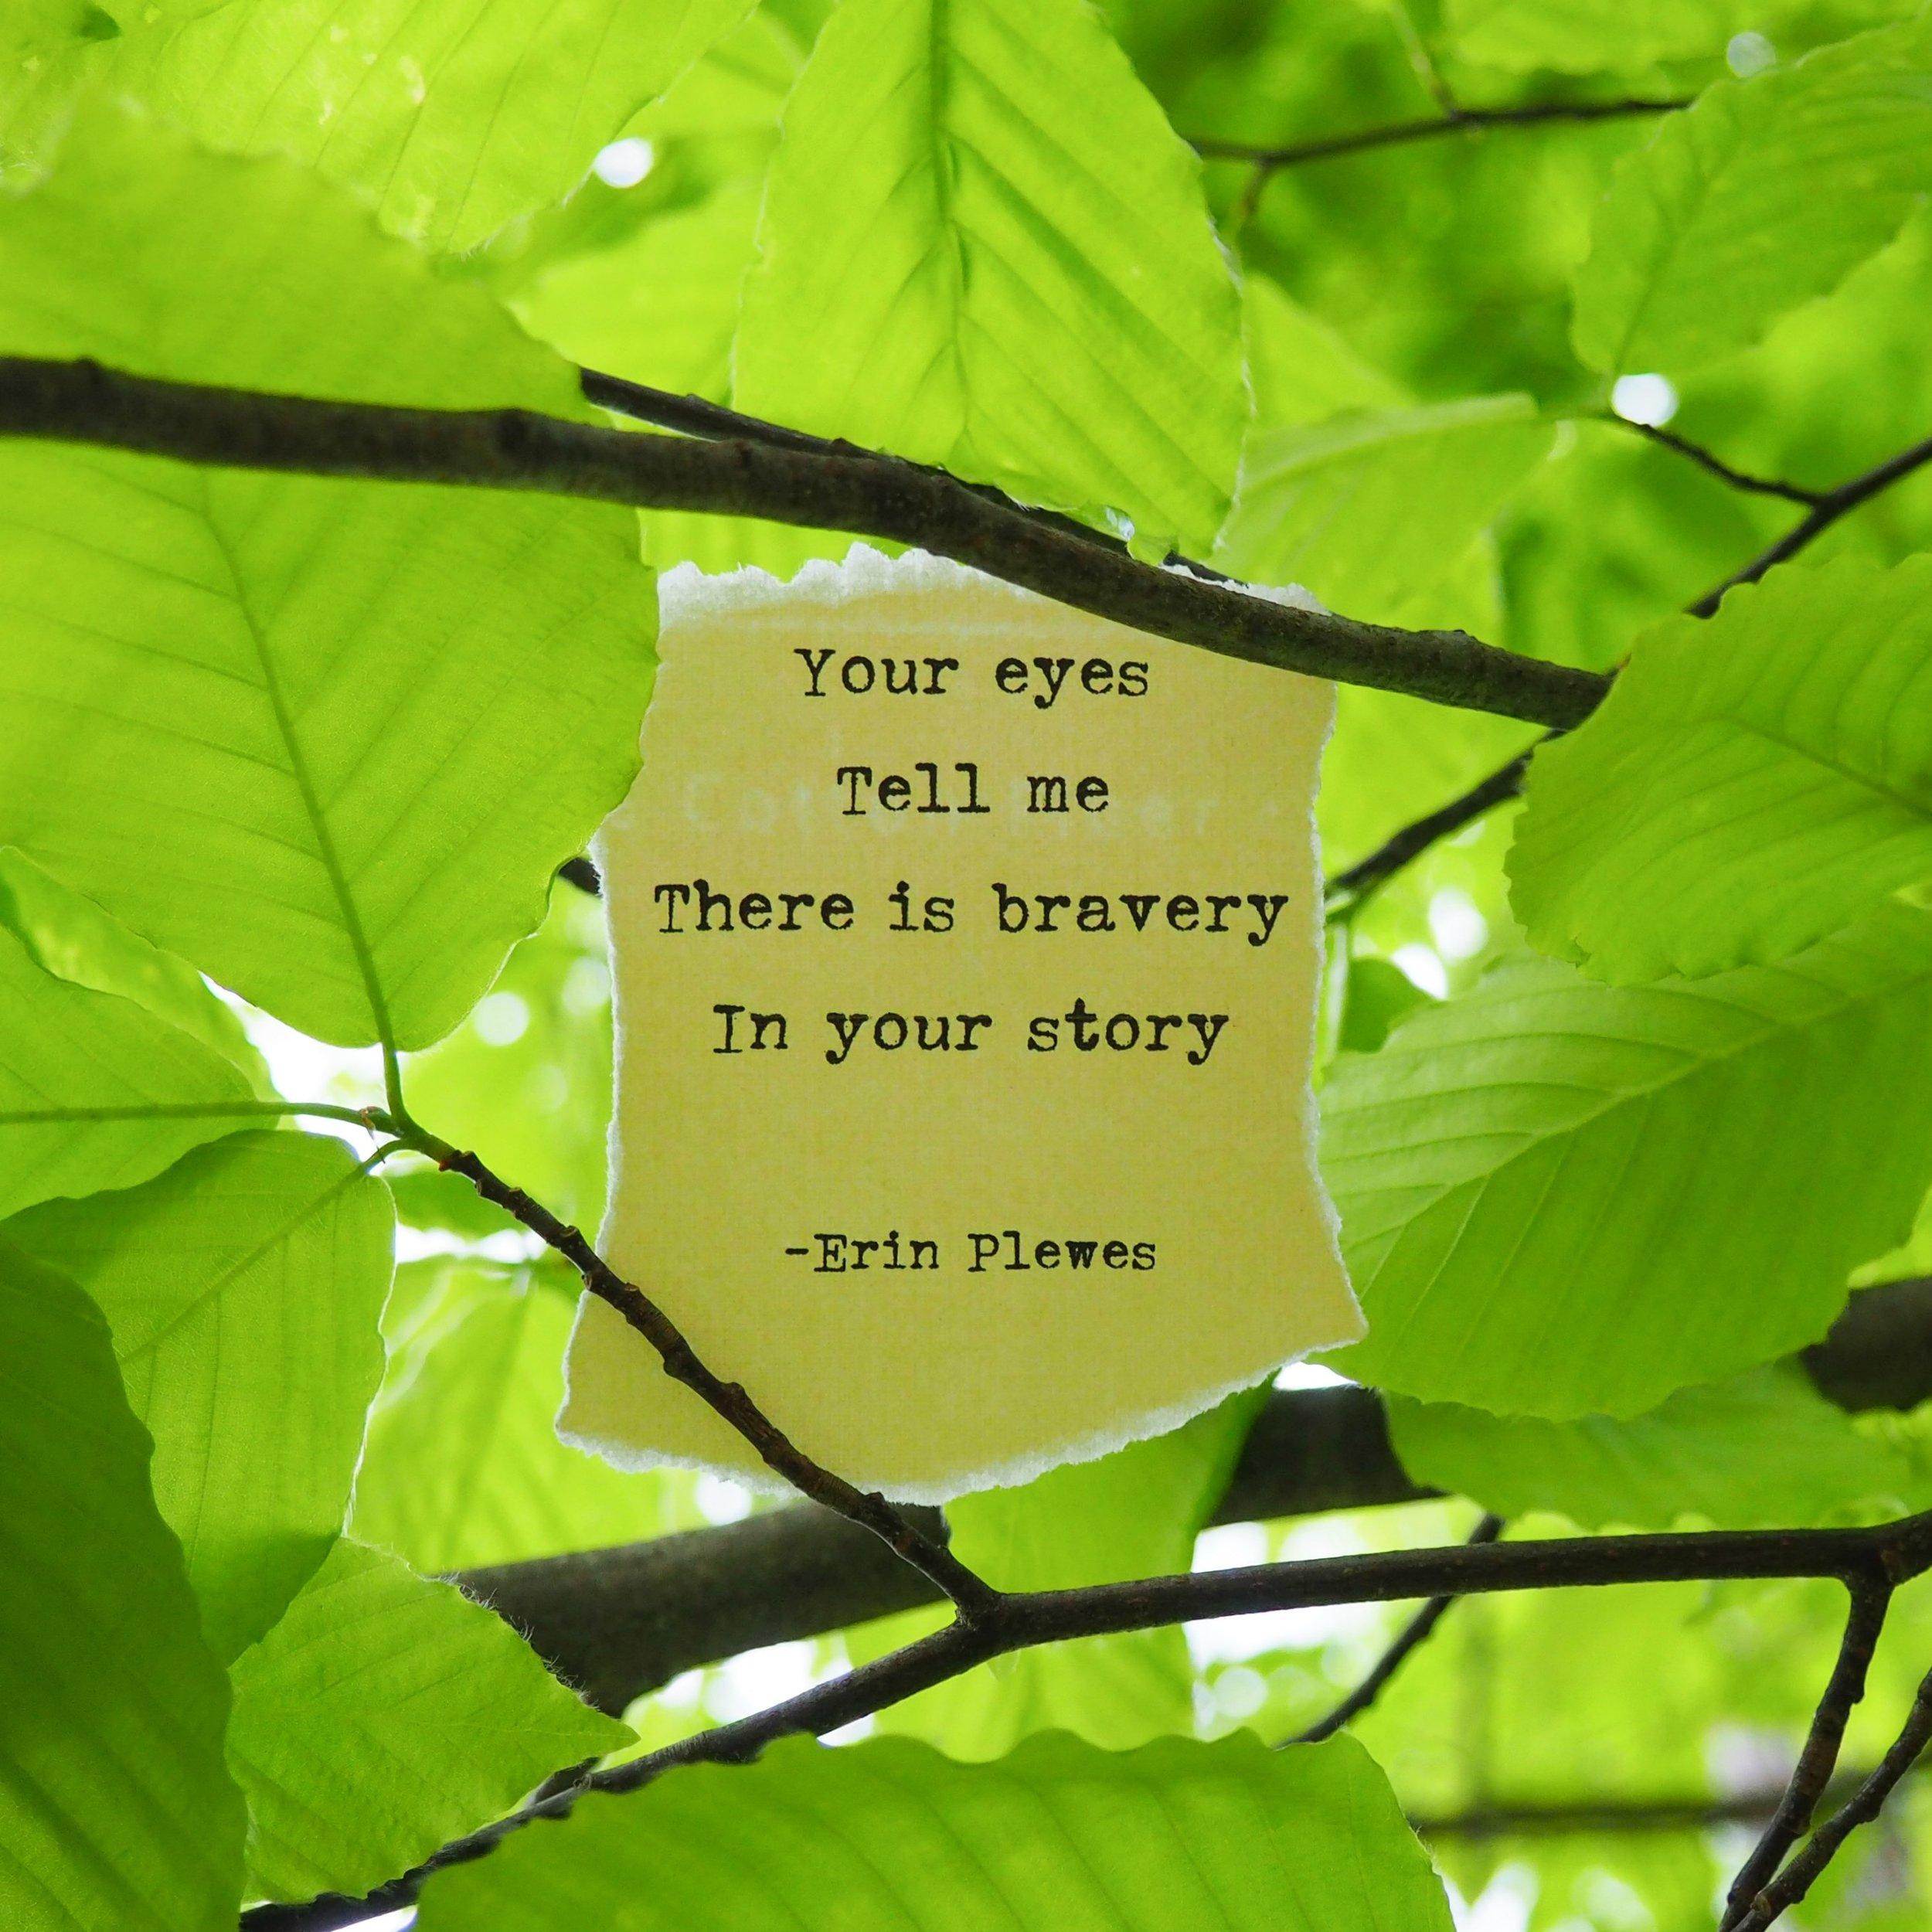 Plewes_Erin_Bravery In Your Eyes - Erin Plewes Creative Art.jpg